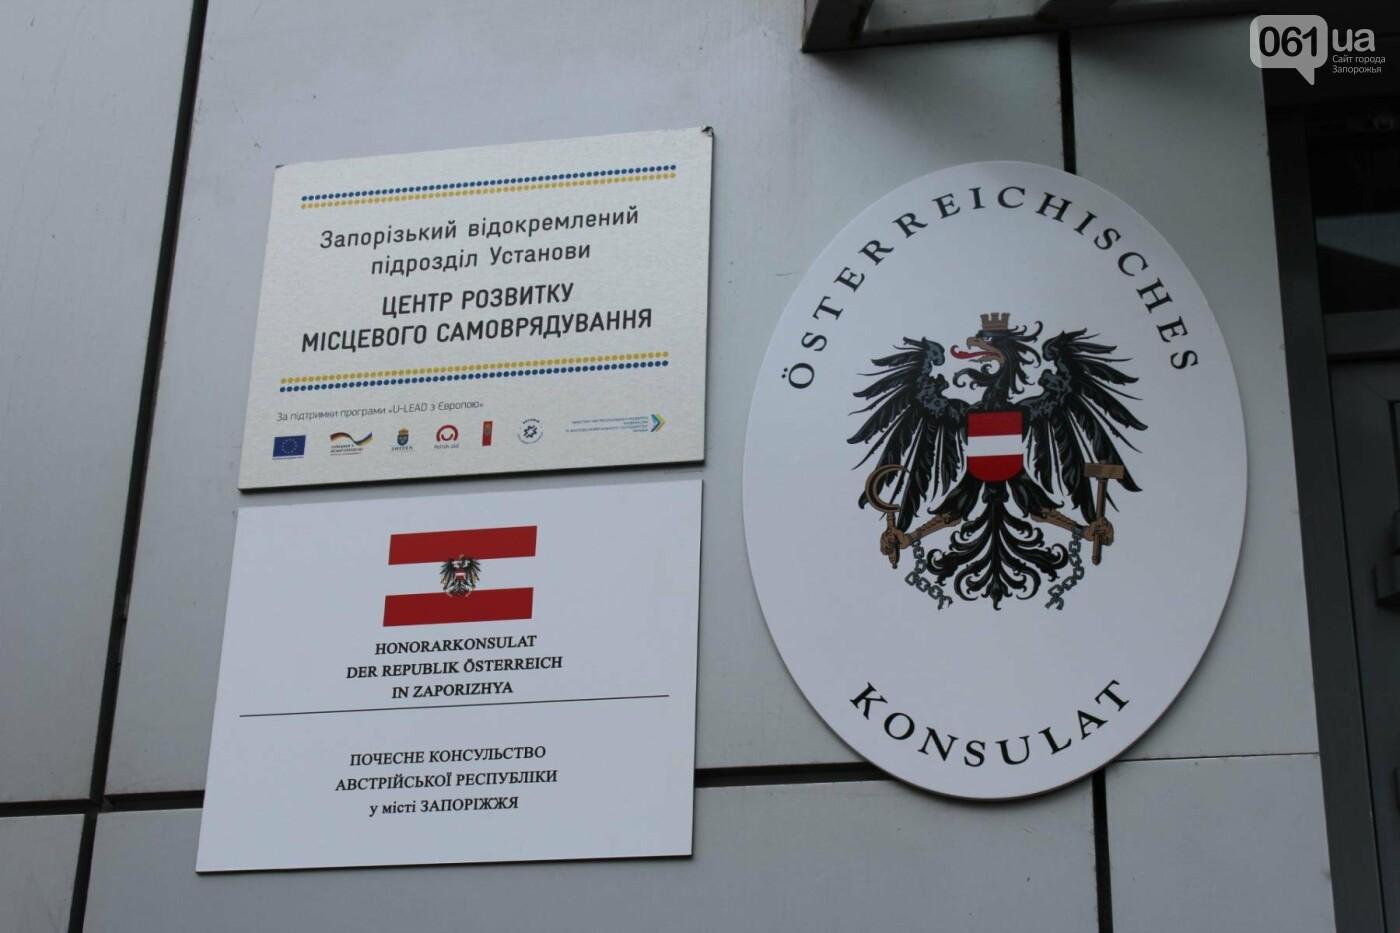 В Запорожье открылось Почетное консульство Австрии: консулом стал известный бизнесмен Борис Шестопалов, — ФОТОРЕПОРТАЖ, фото-11